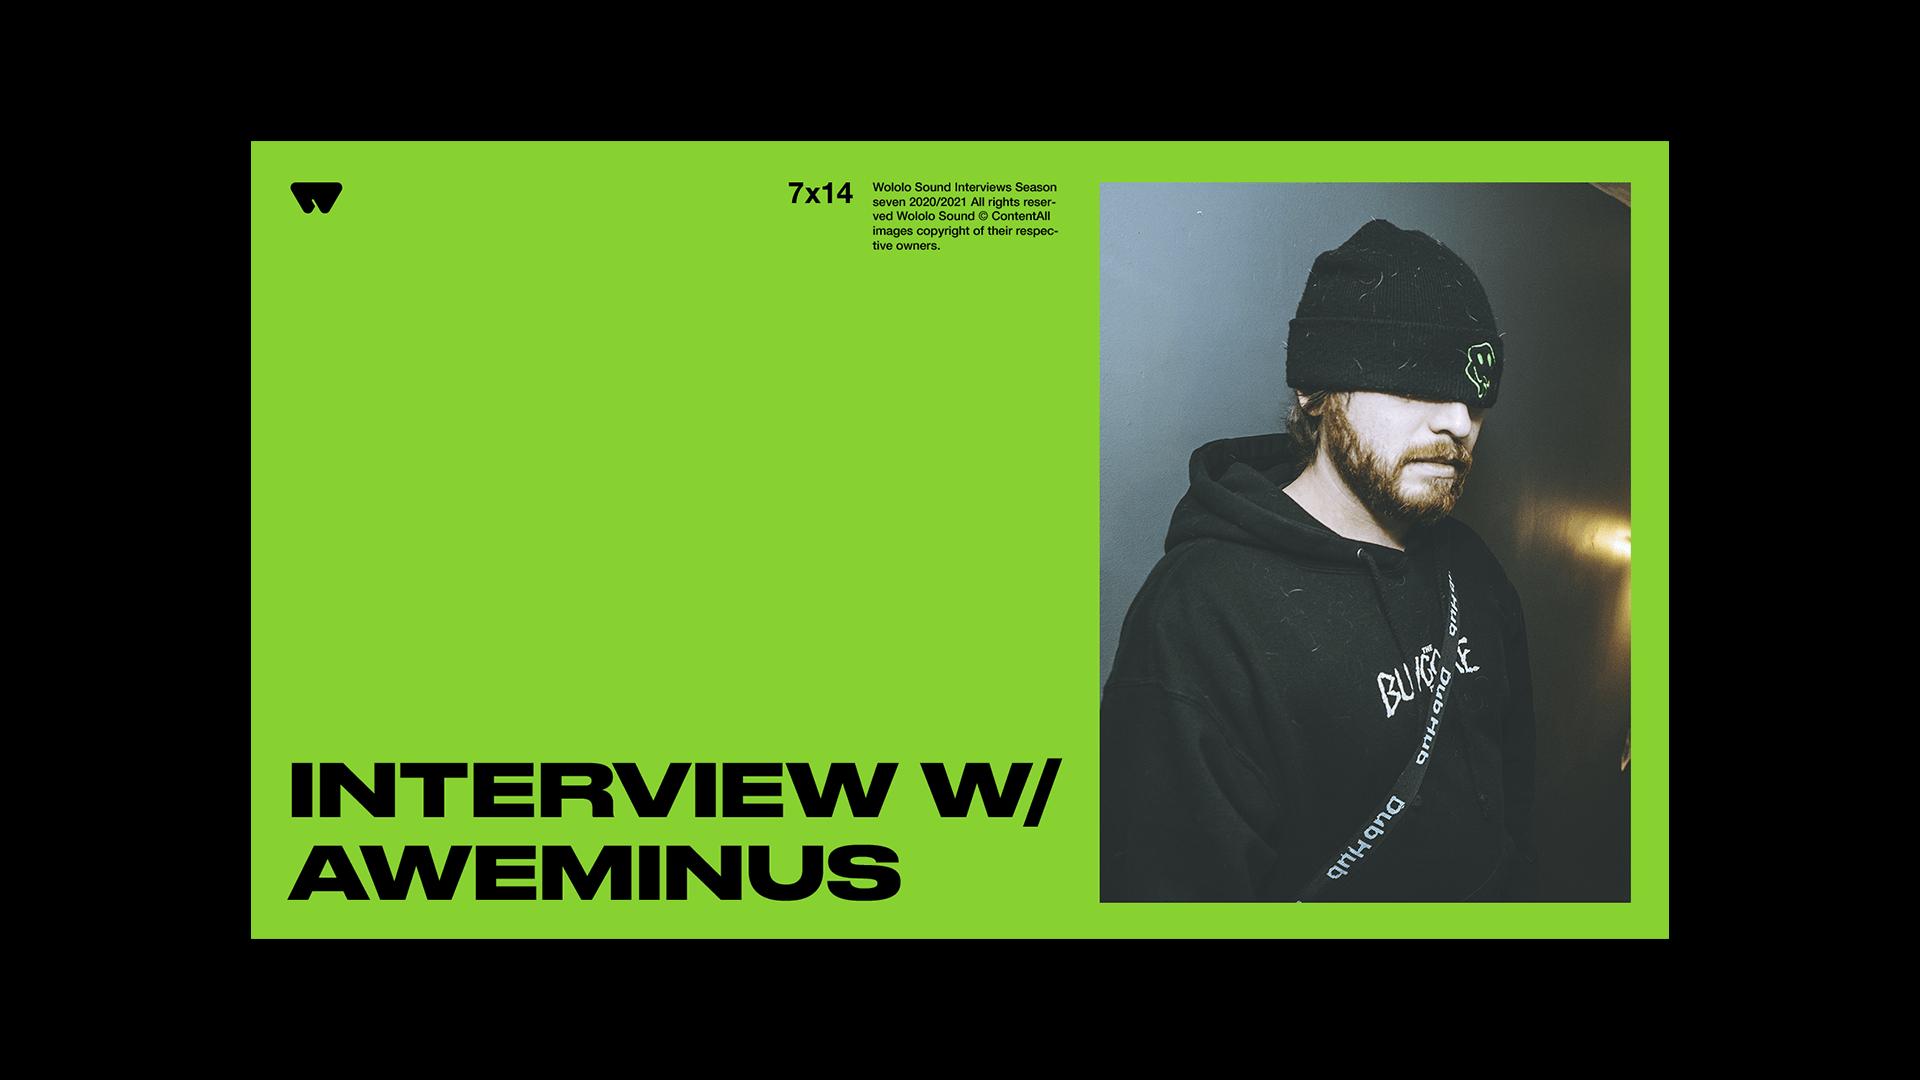 aweminus interview